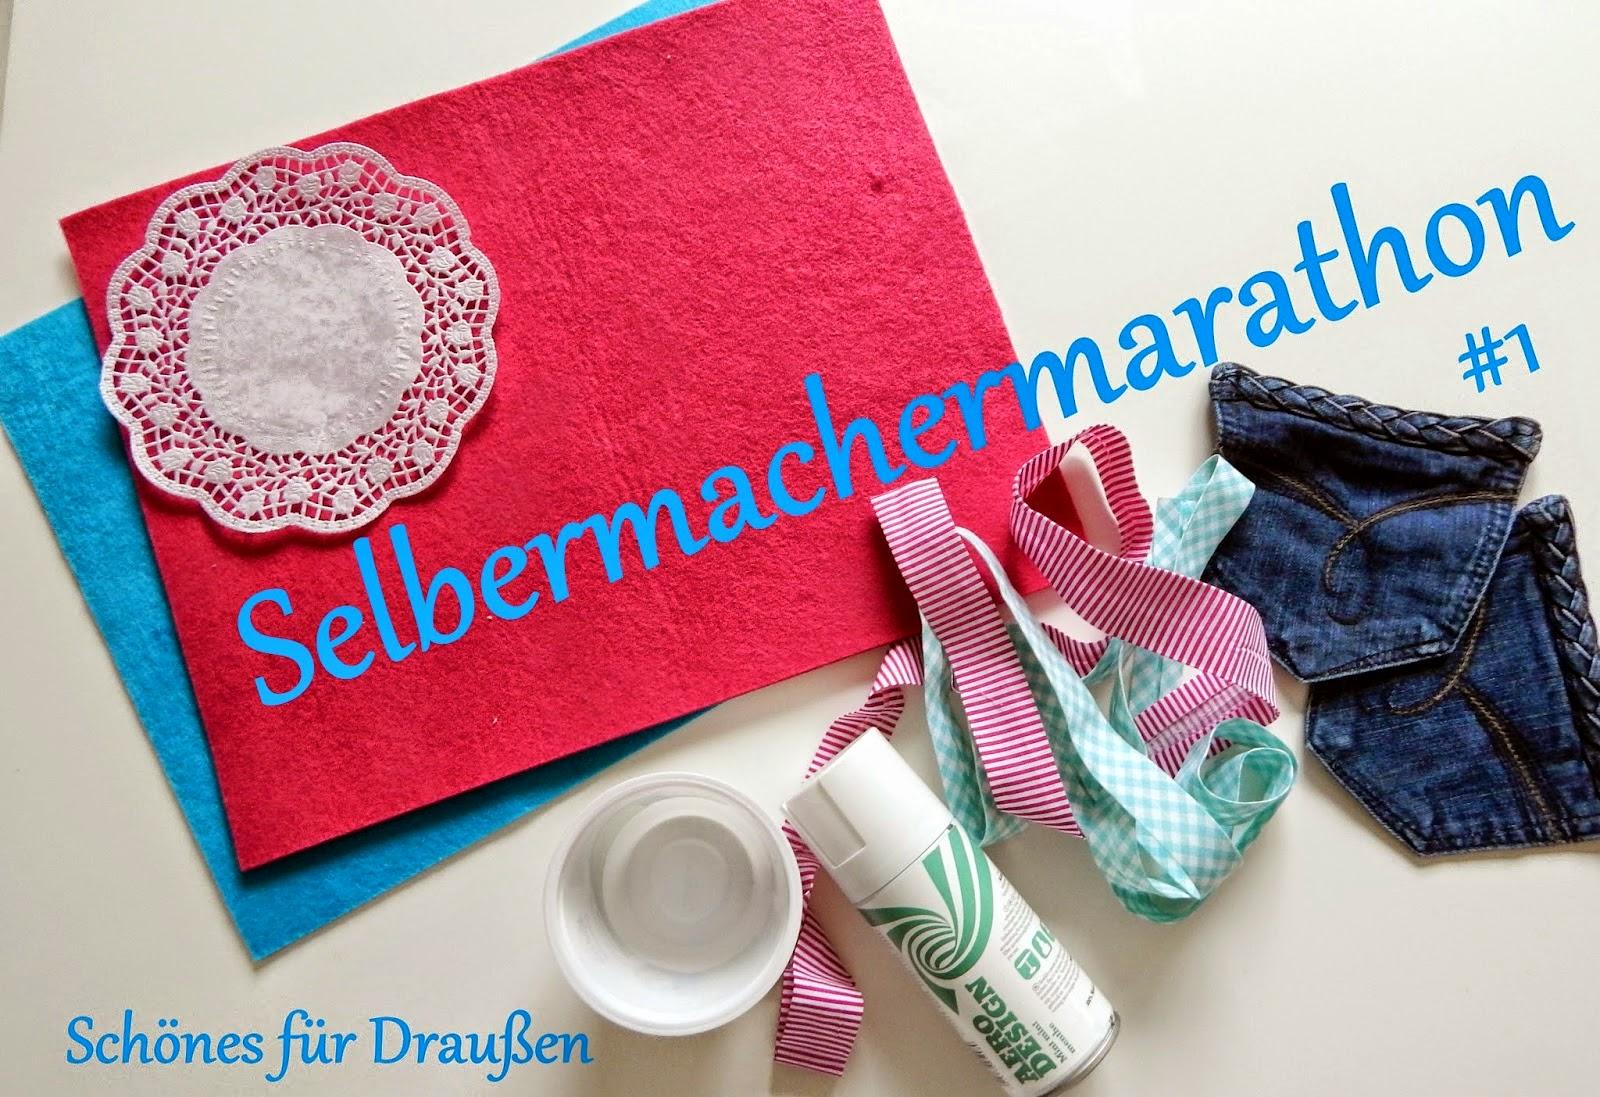 http://julchennaeht.blogspot.de/2014/05/selbermacher-marathon-1.html